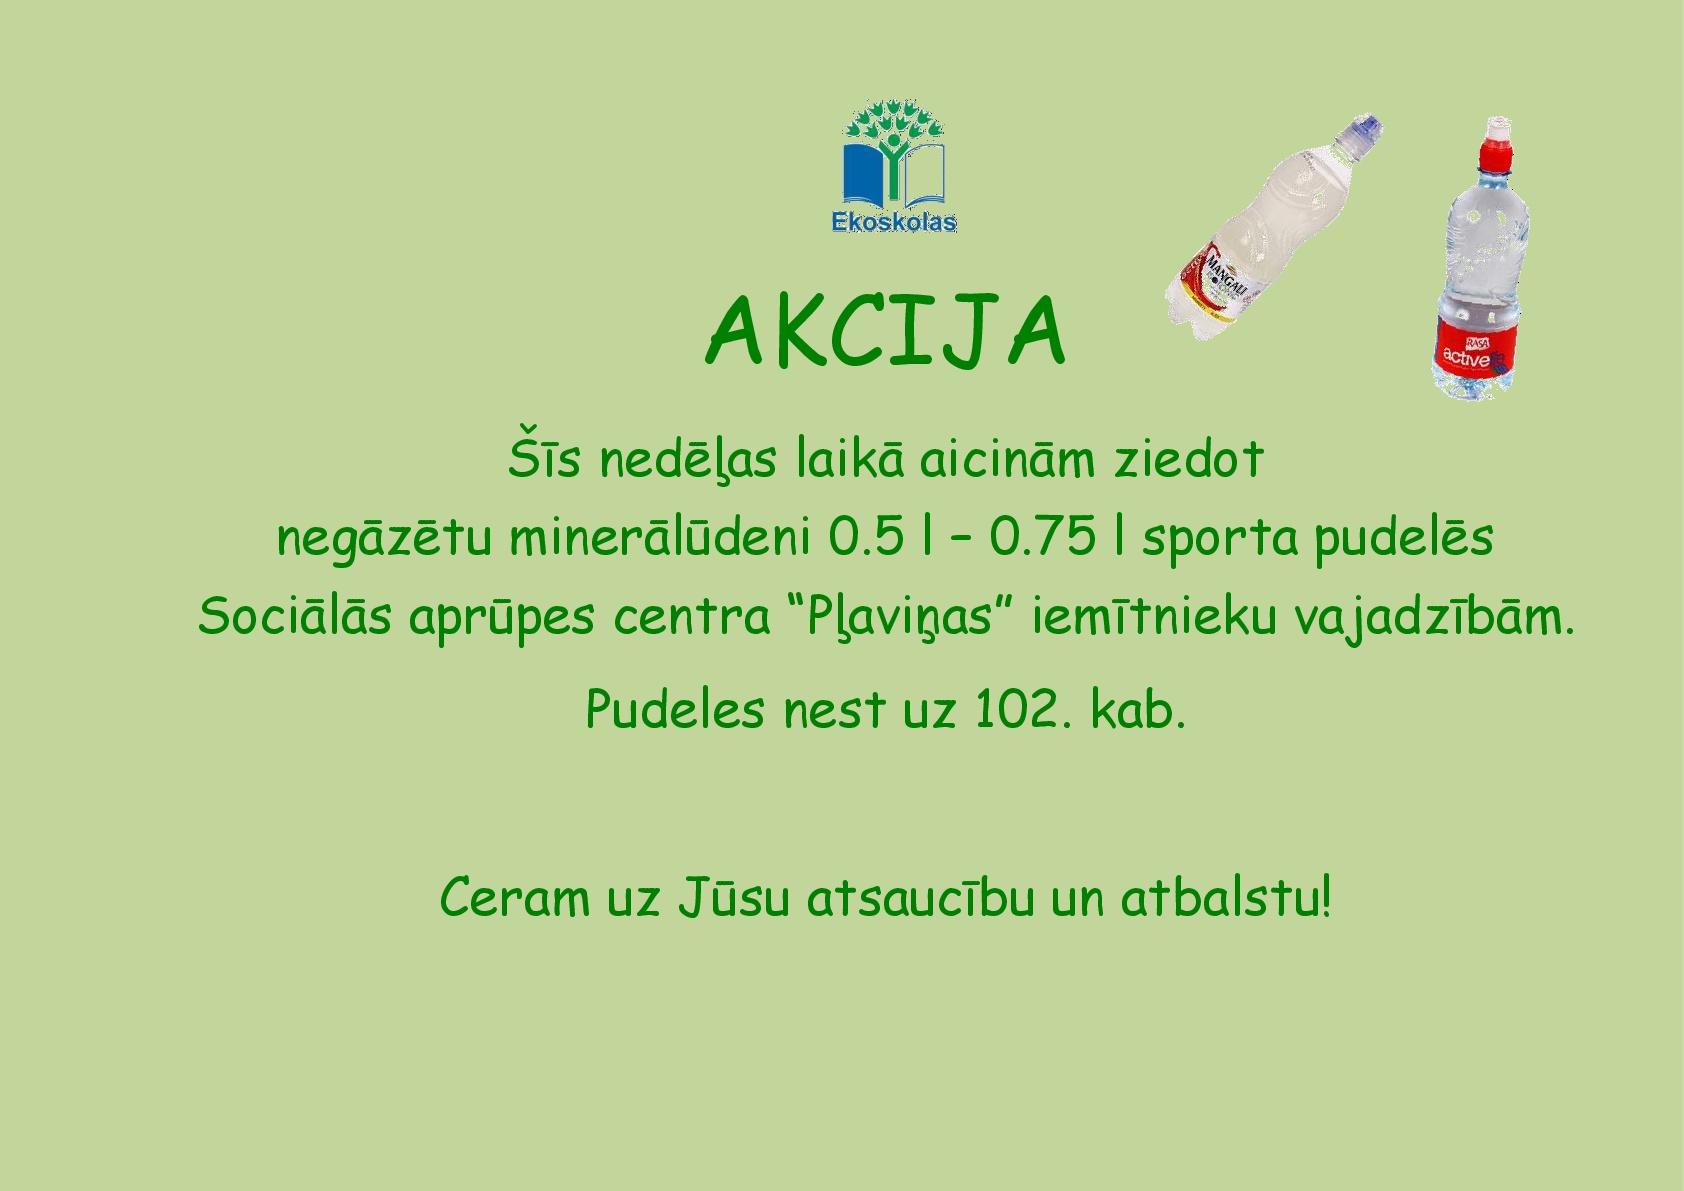 AKCIJA_ekoskola